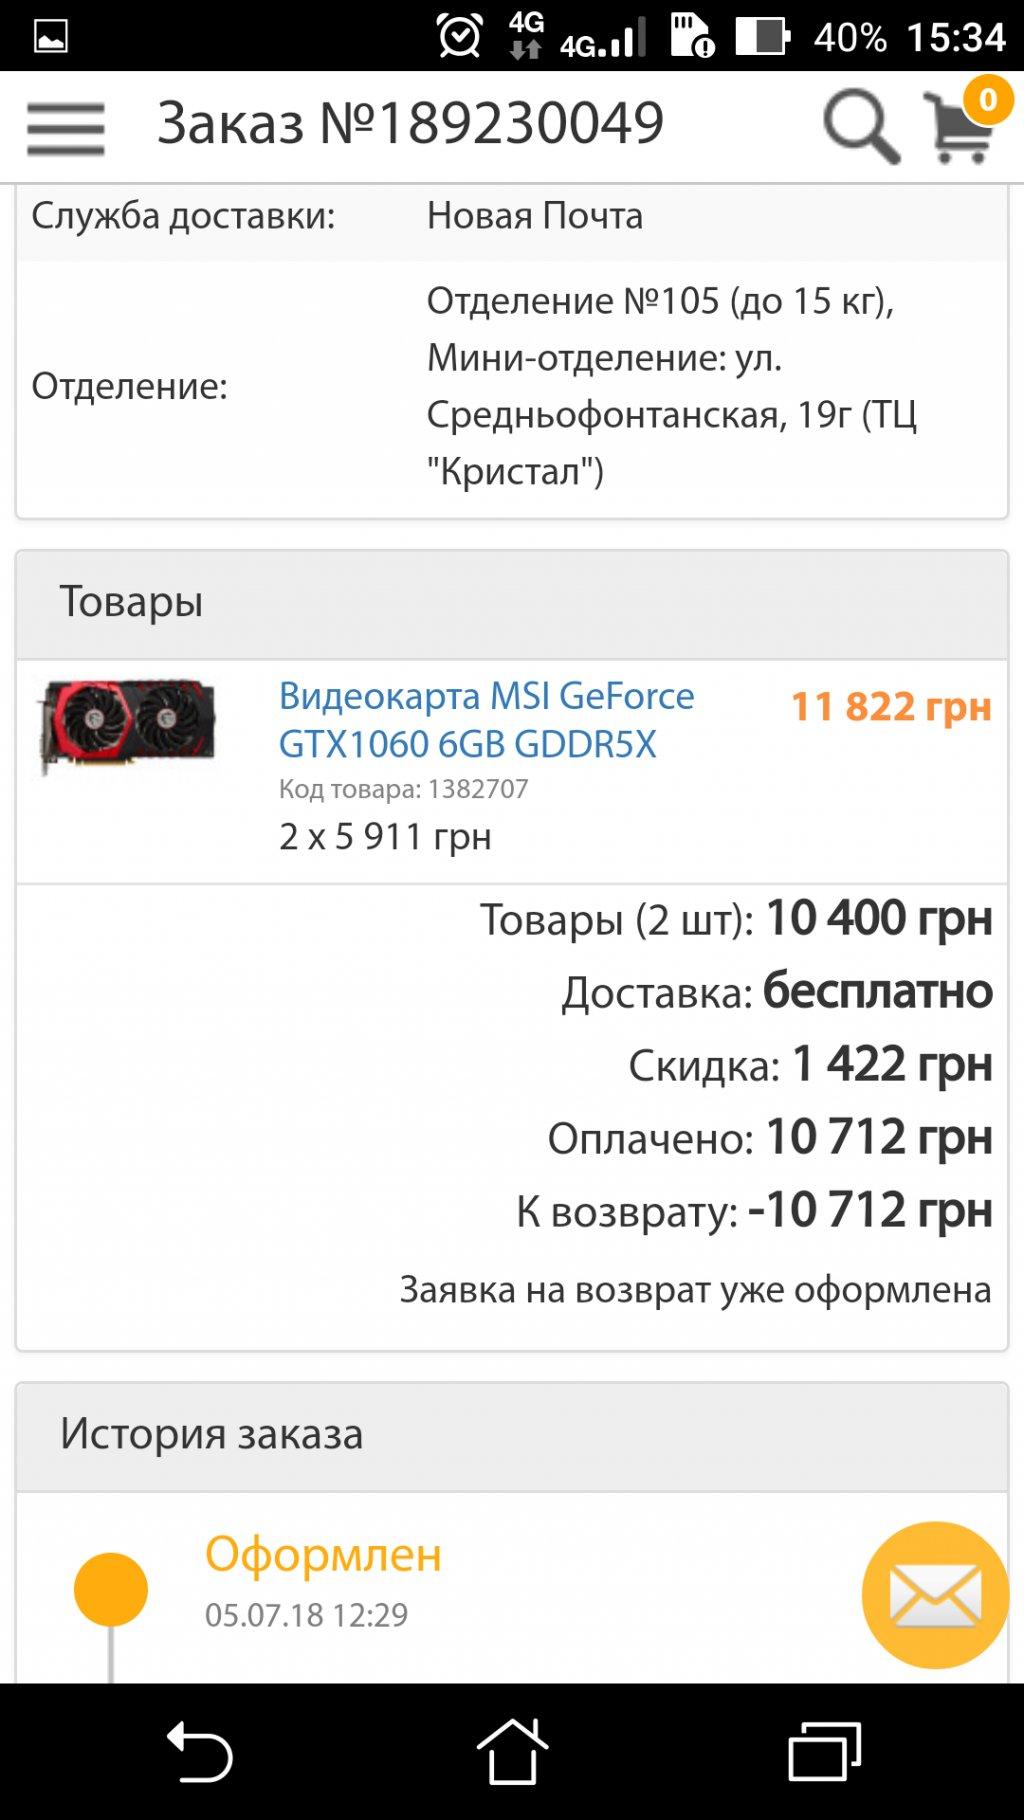 МОБИЛЛАК - С 17.10.2018 и до сих пор деньги не вернули